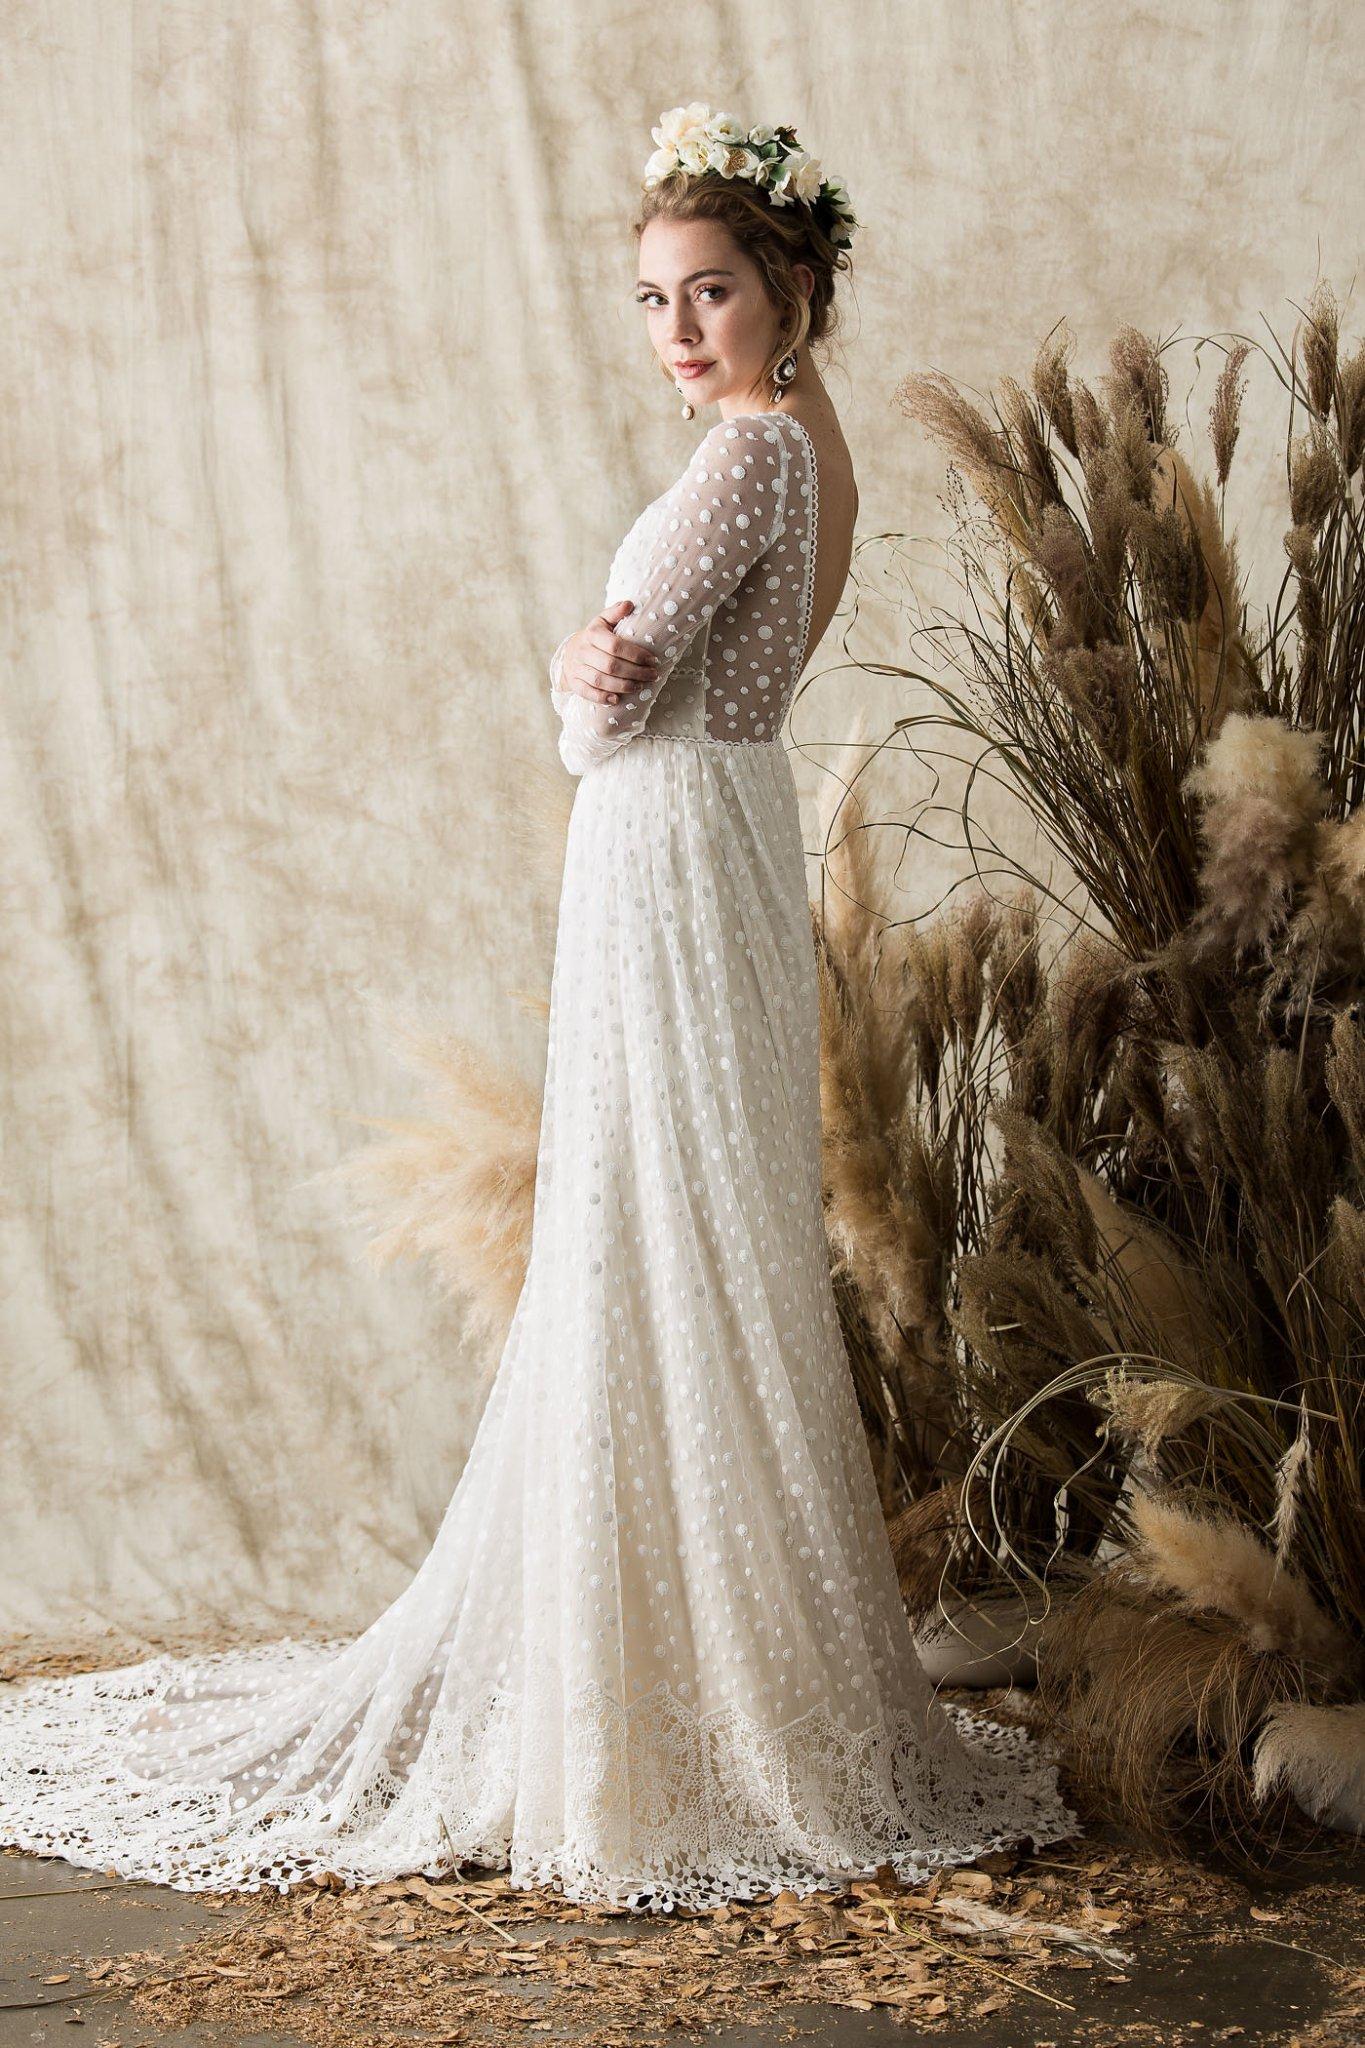 تصميم عصري لفستان زفاف طويل